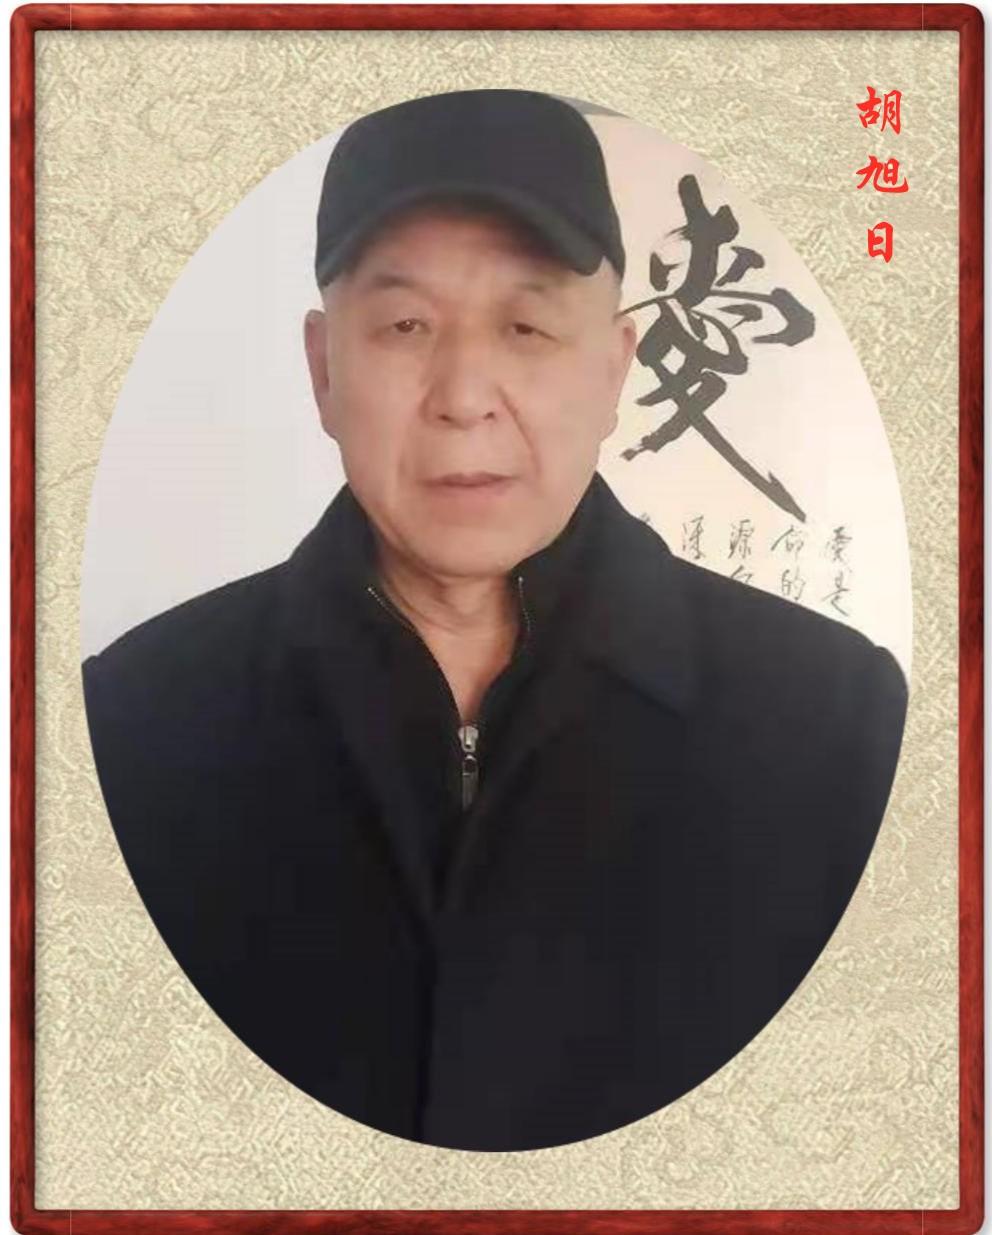 通县三中七三届三九班的窗友(摄影)_图1-32